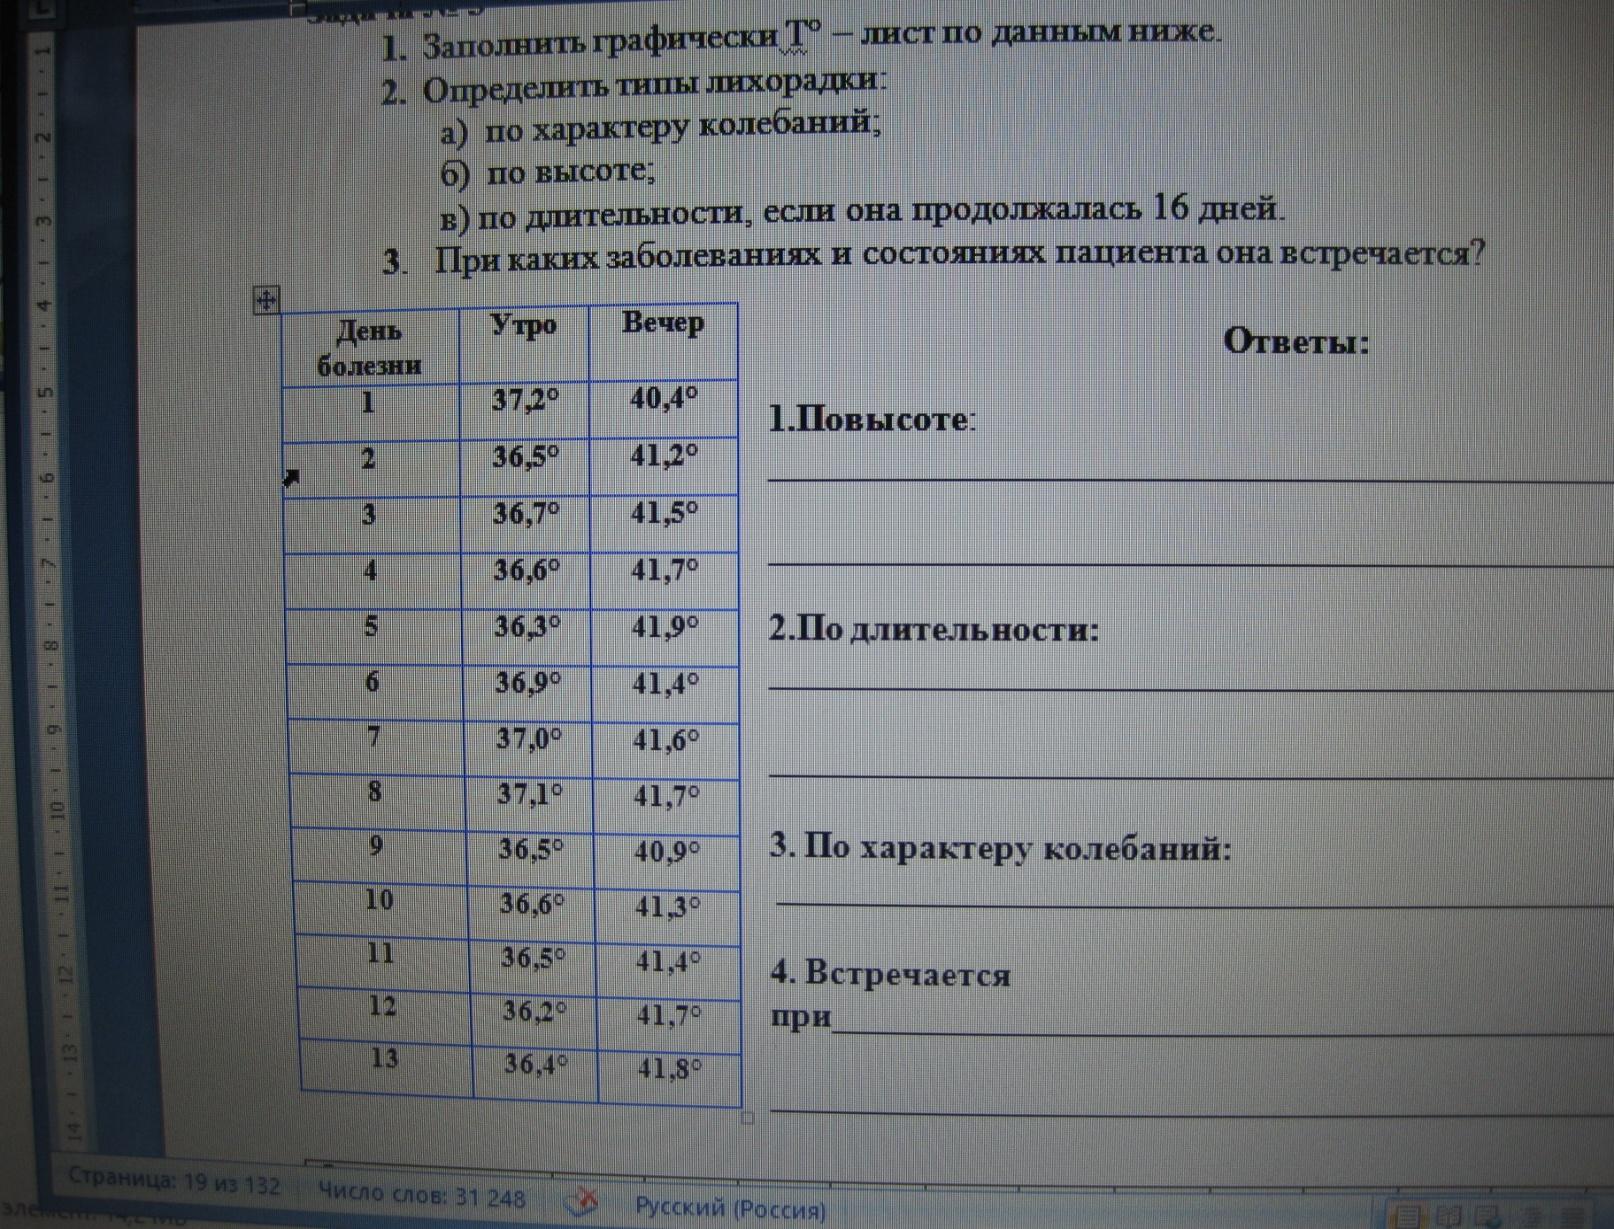 Организация работы гирудотерапевтического кабинета санэпидрежим